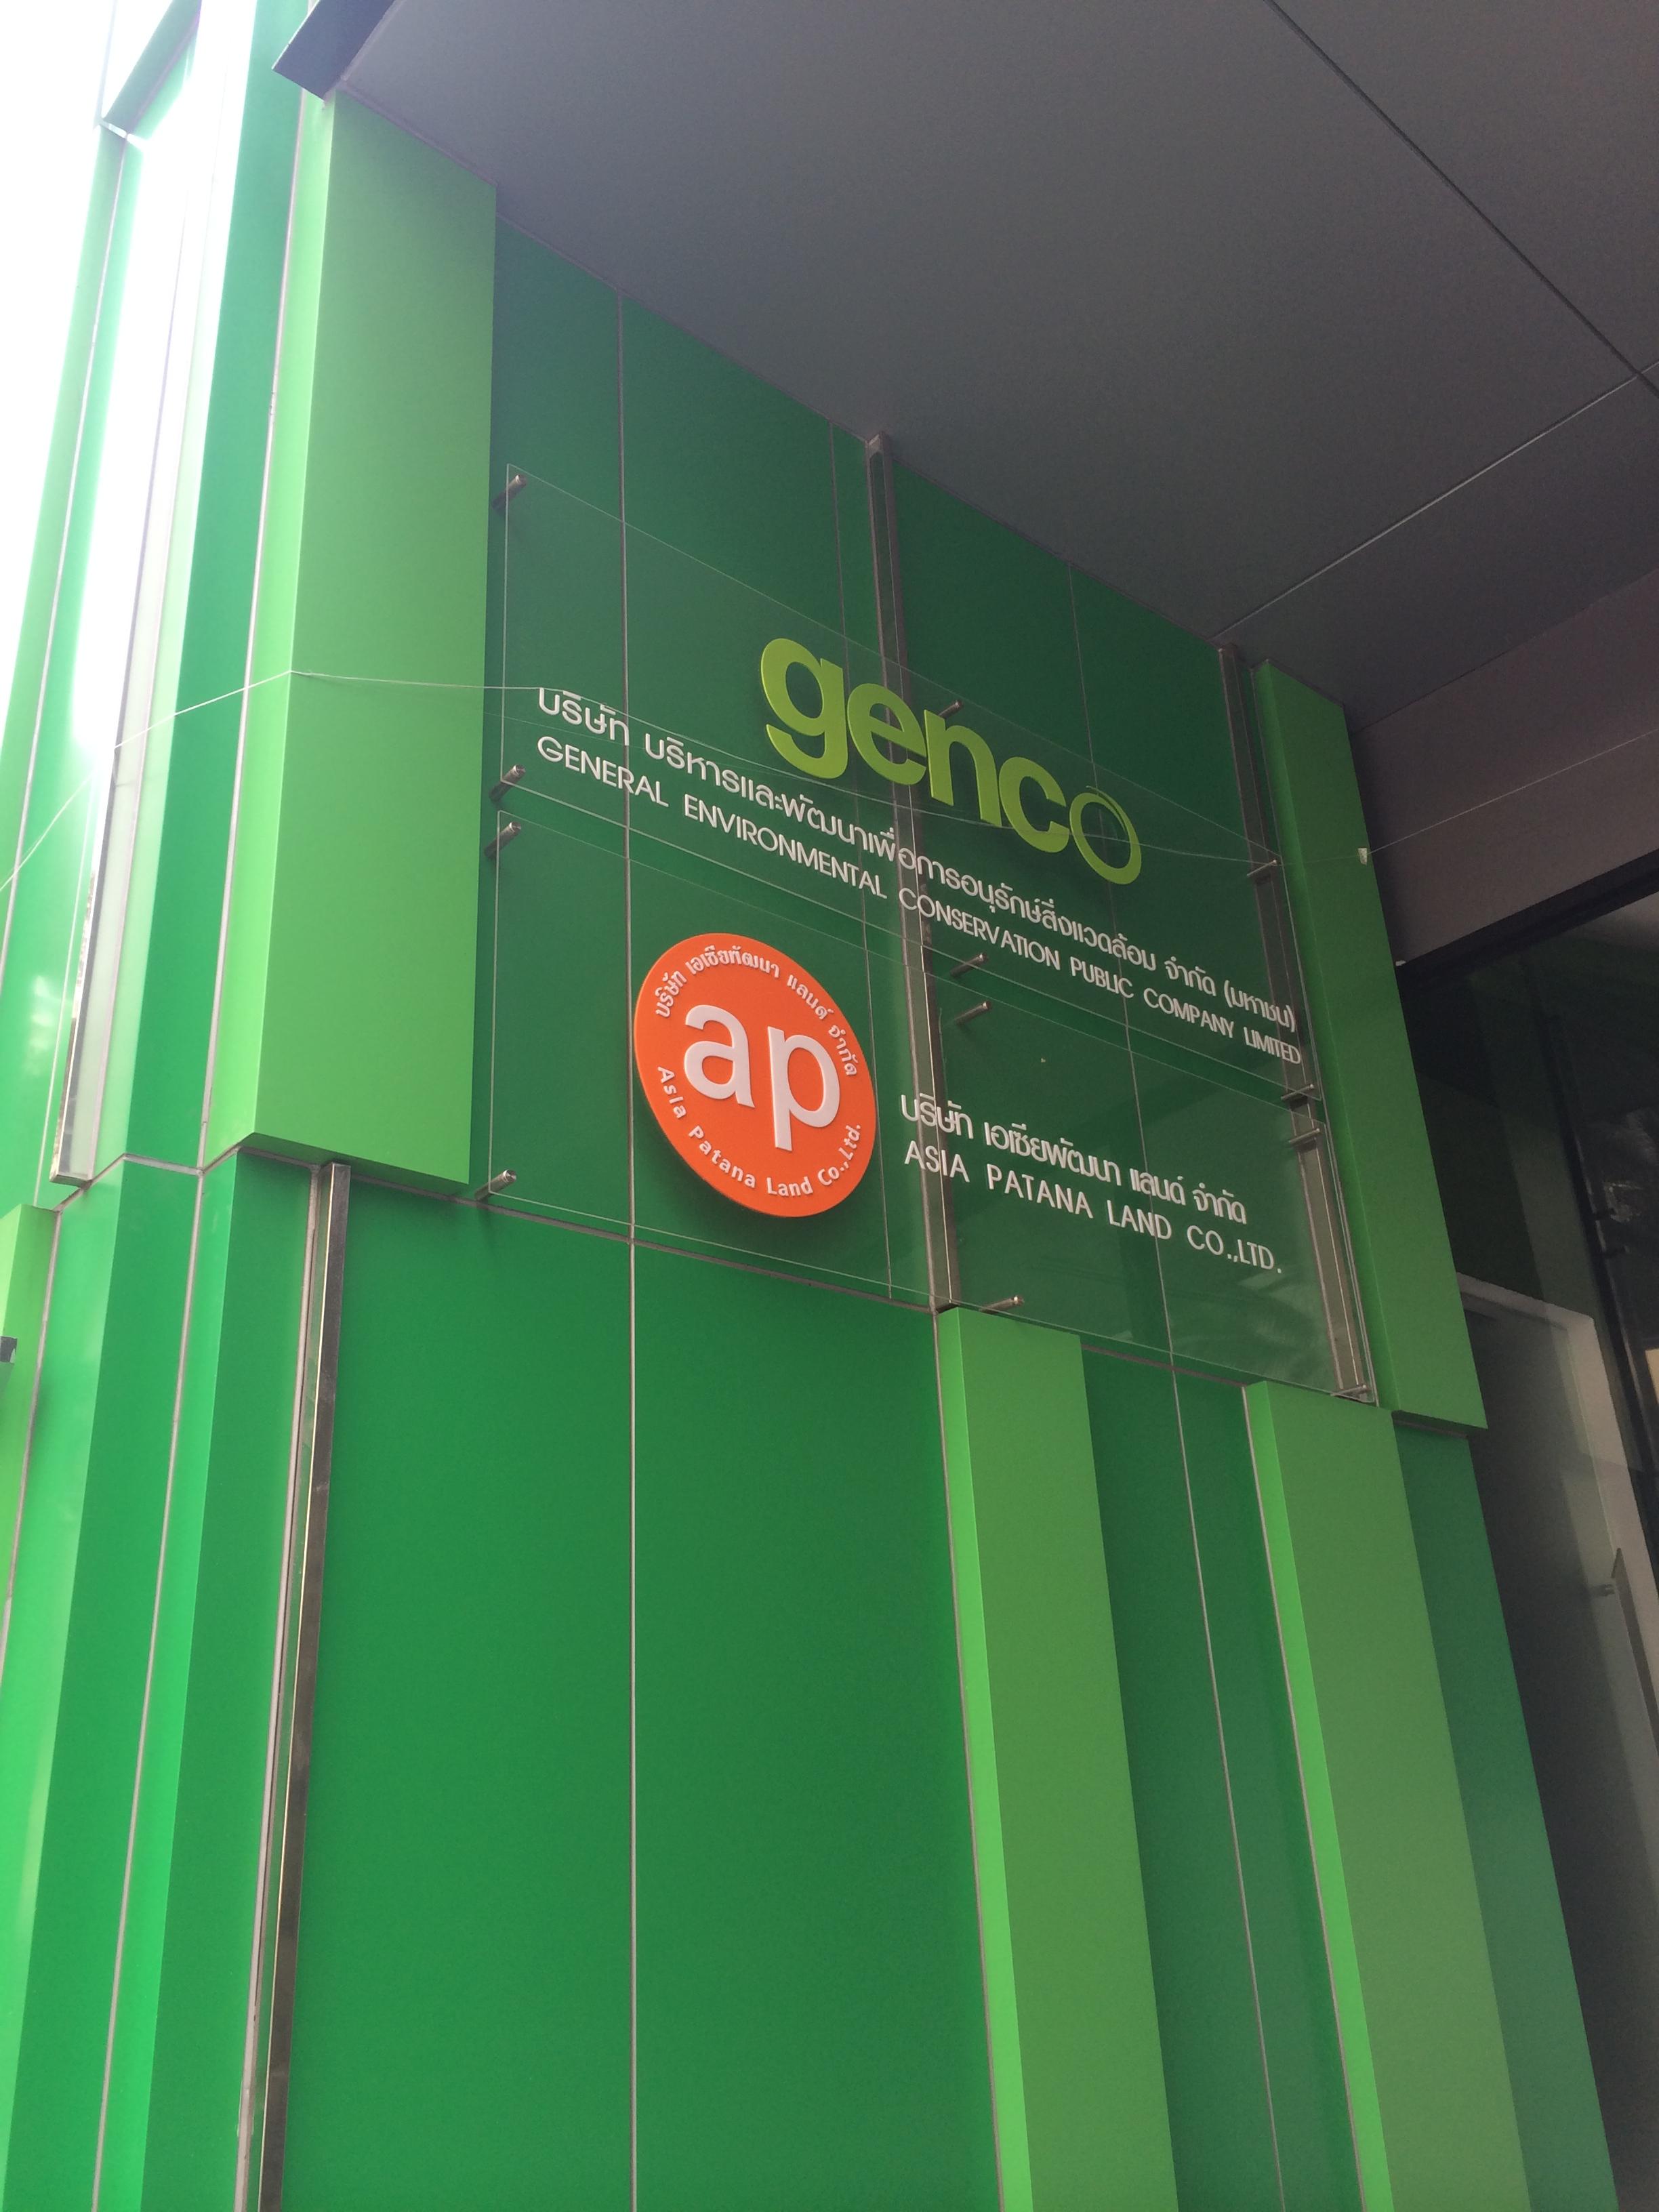 ป้ายหน้าบริษัท genco เมืองทองธานี